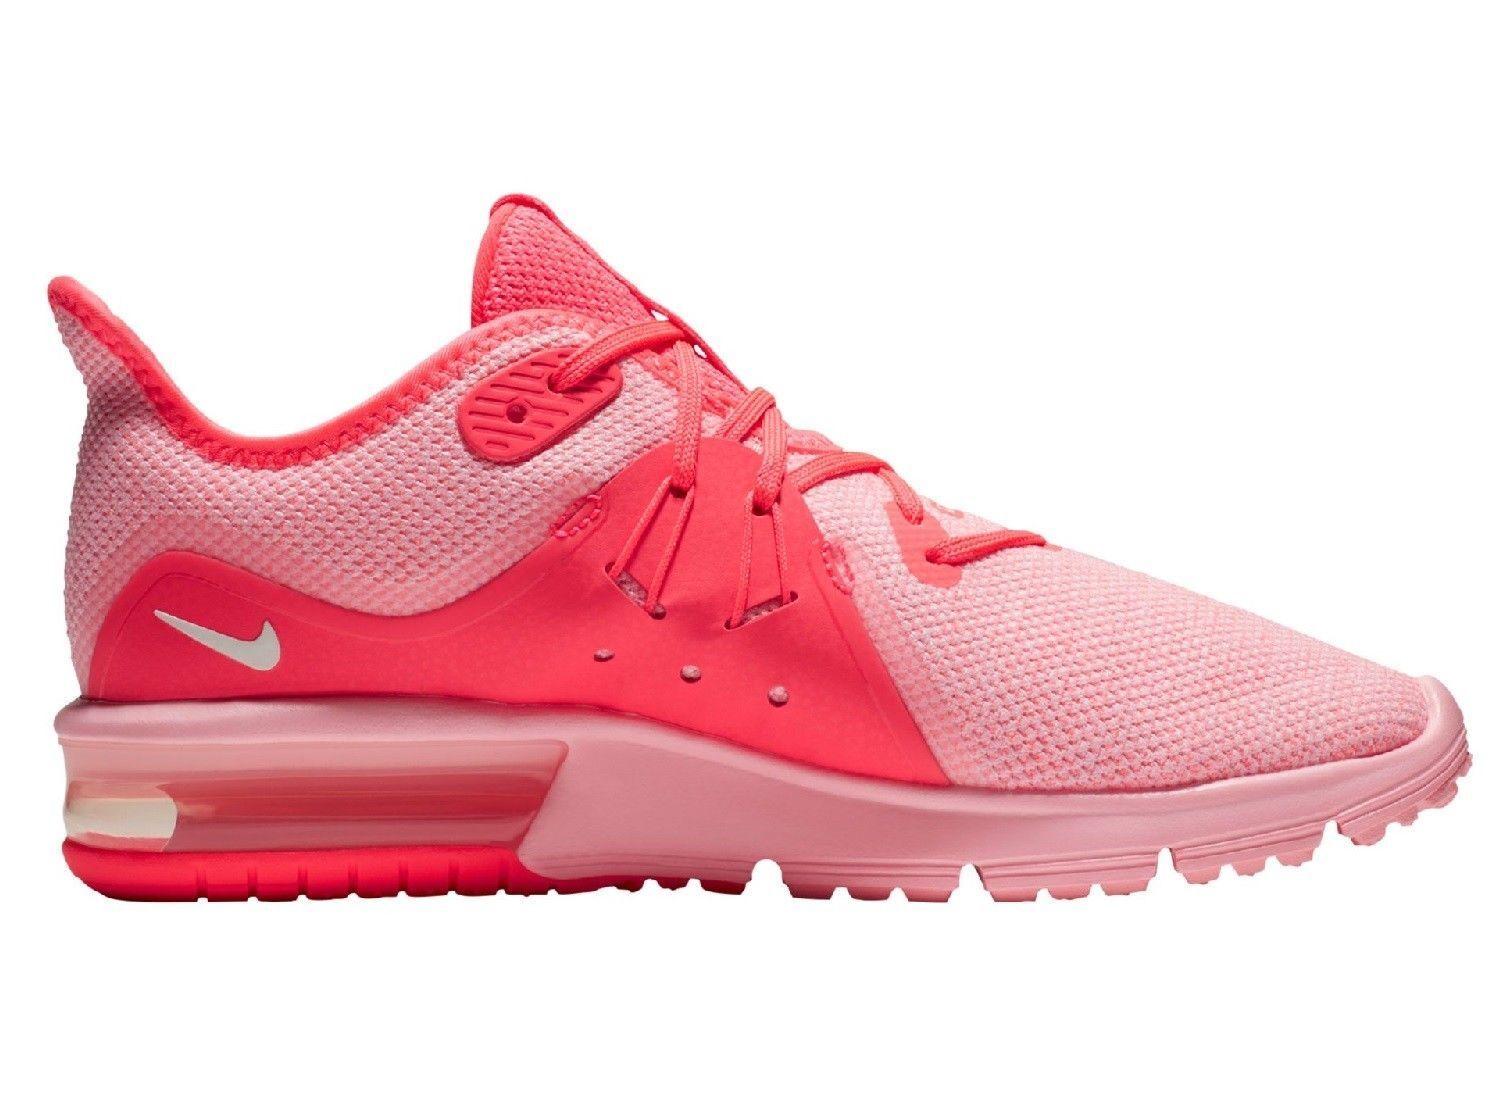 0fc8c1f74ba6 Nike Air Max Sequent 3 Womens 908993-601 908993-601 908993-601 Artic ...